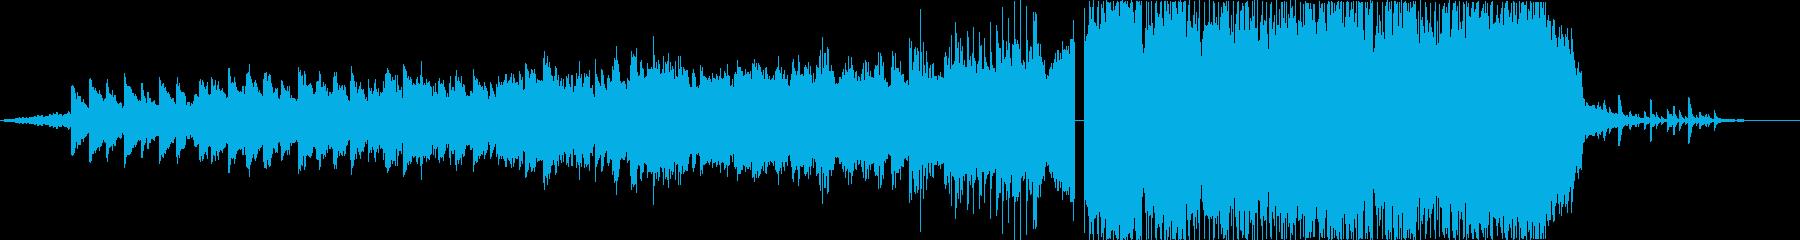 抽象的で明るいオルタナティブロックの再生済みの波形